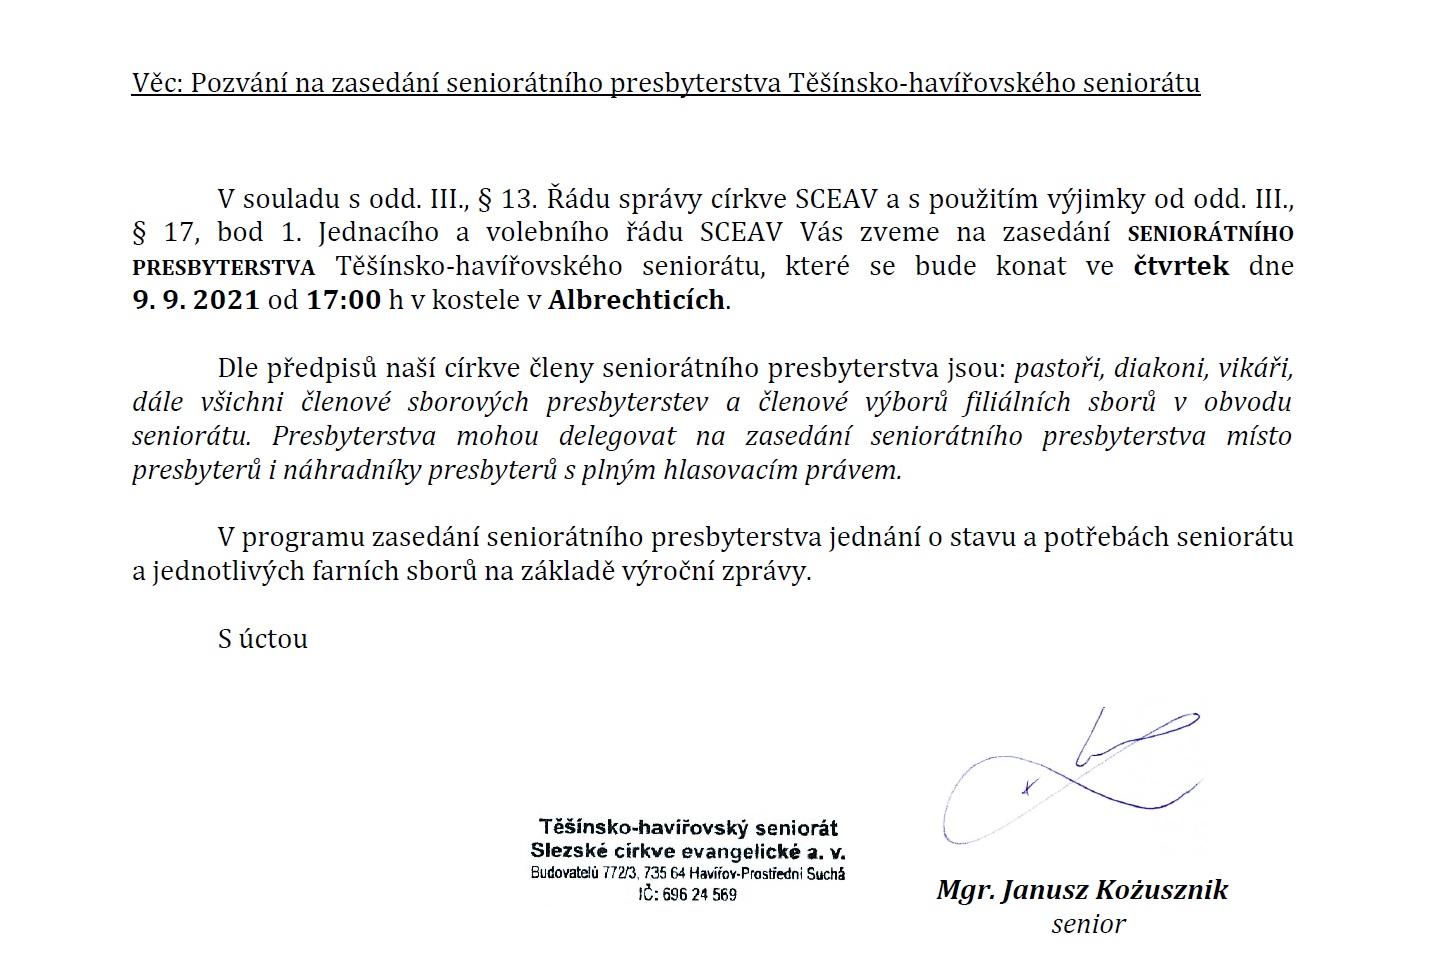 Sprawozdanie z życia i działalności Senioratu Cieszyńsko-Hawierzowskiego za rok 2020